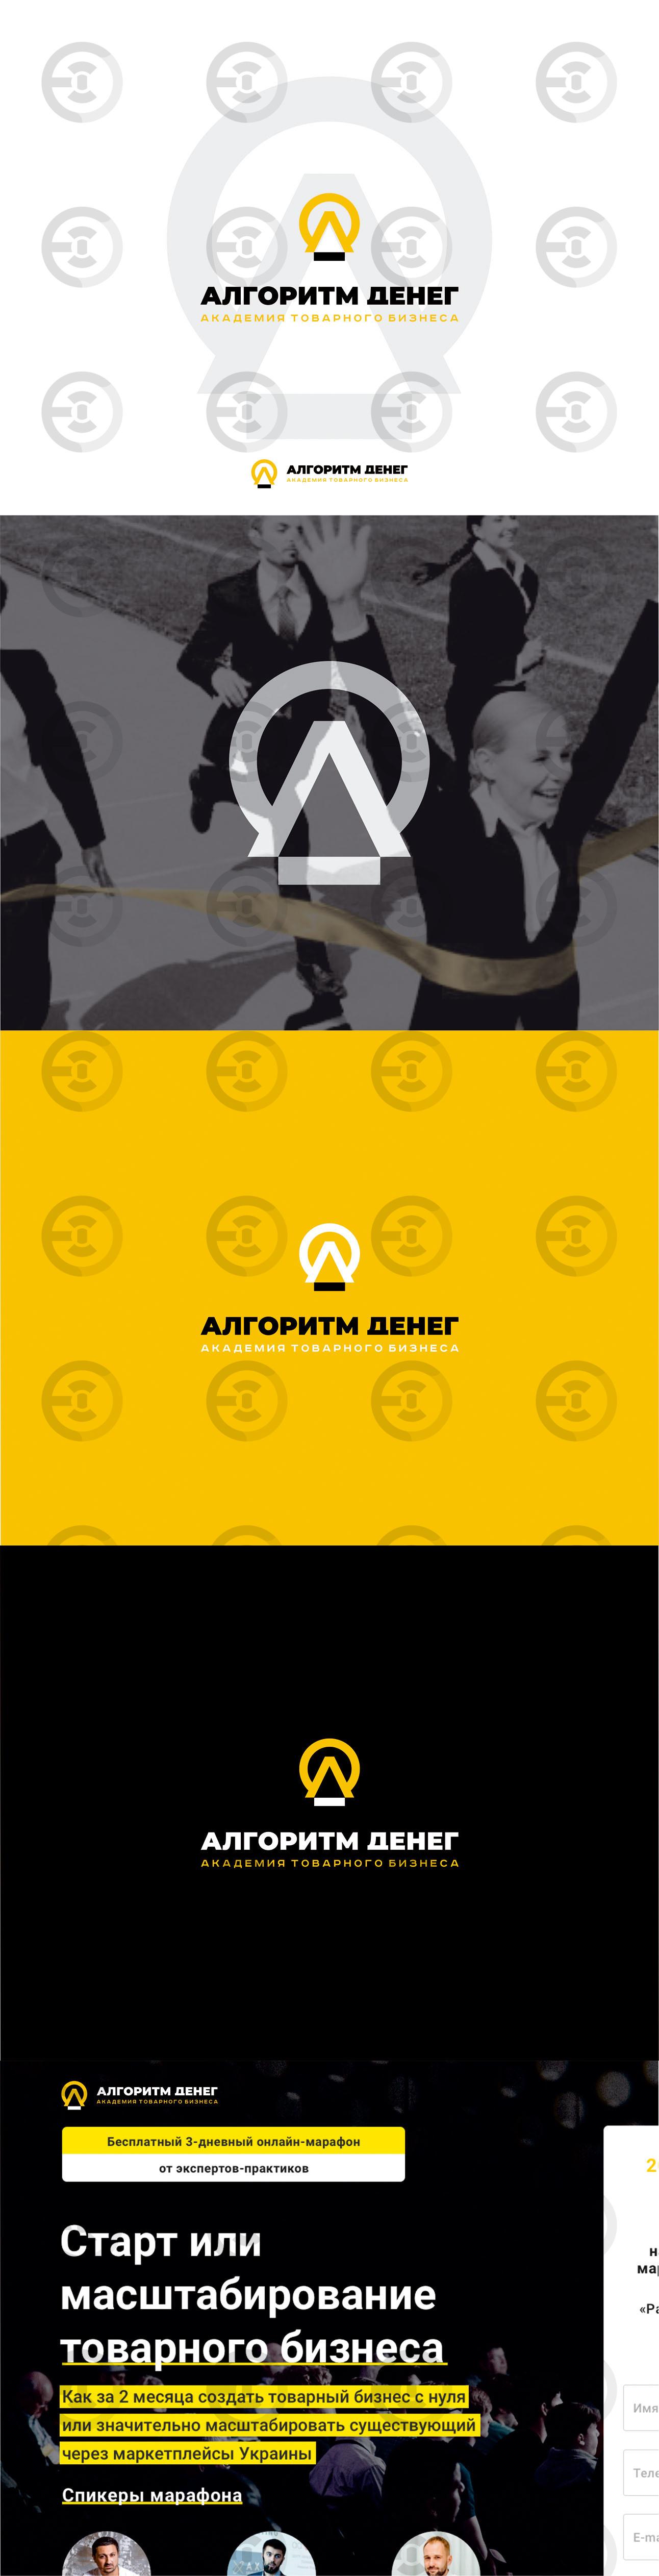 Алгоритм денег.jpg